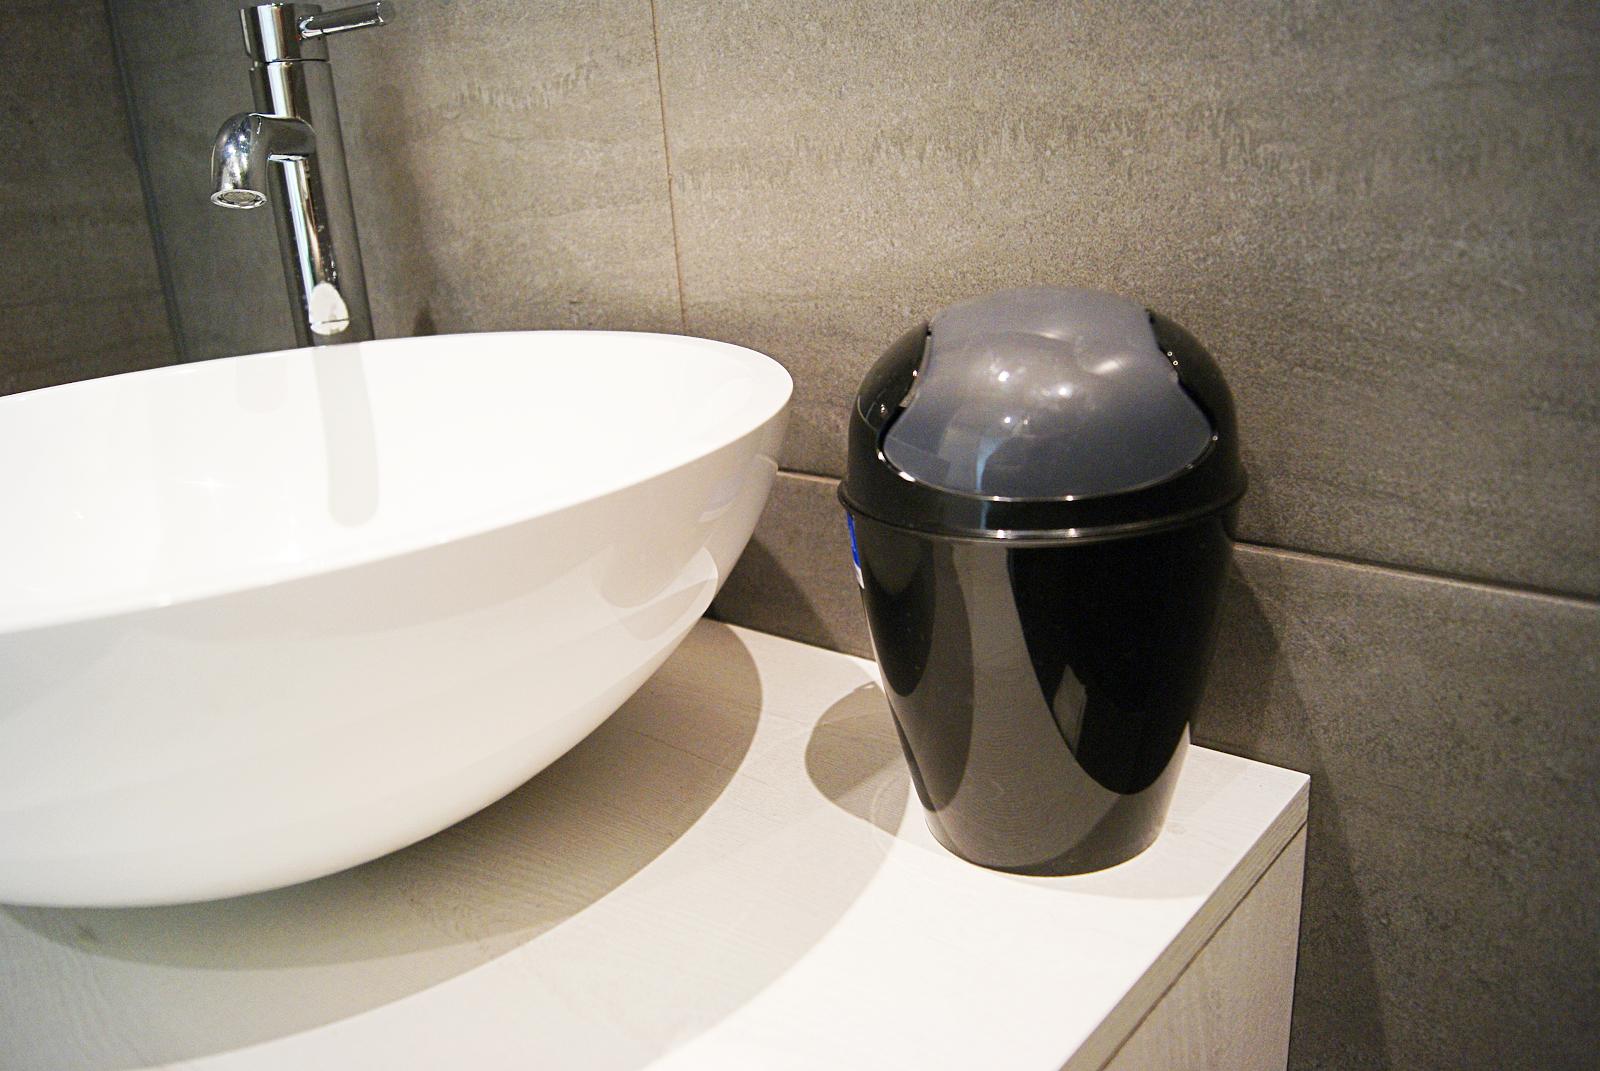 Onze nieuwe badkamer accessoires